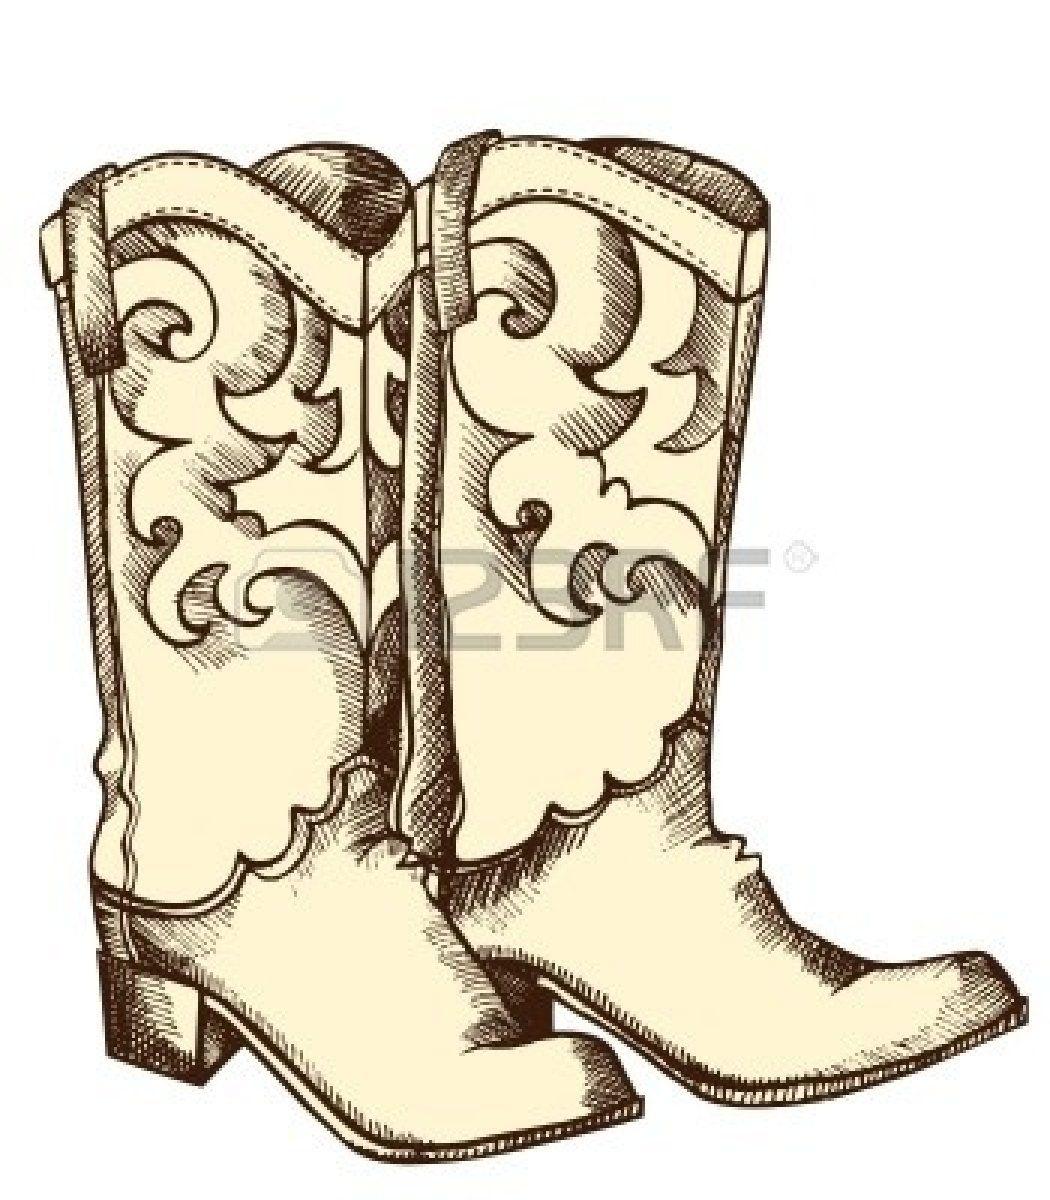 cowboy boot clip art free free clip art cartoon cowboy boot vector graphic image cartoon cowboy [ 1050 x 1200 Pixel ]